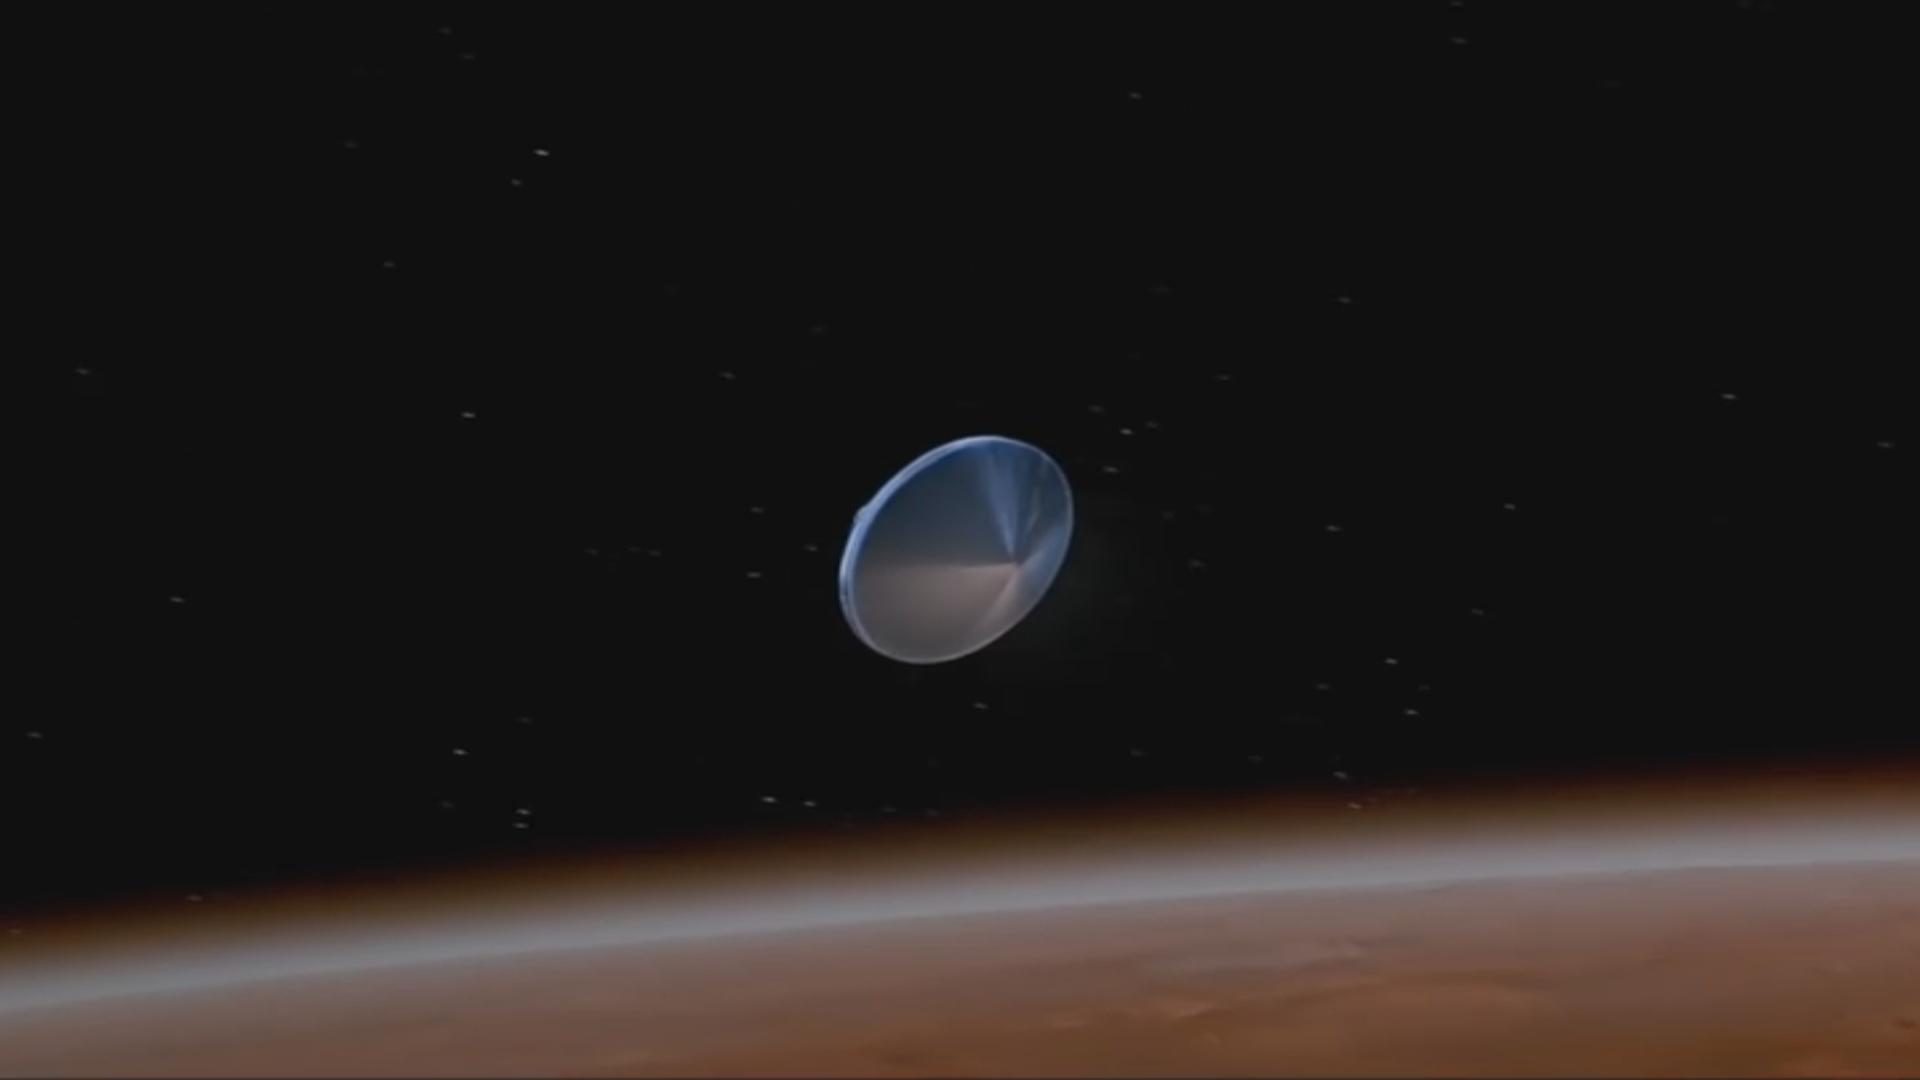 Marsda ilk mənzilin sahibi kim olacaq